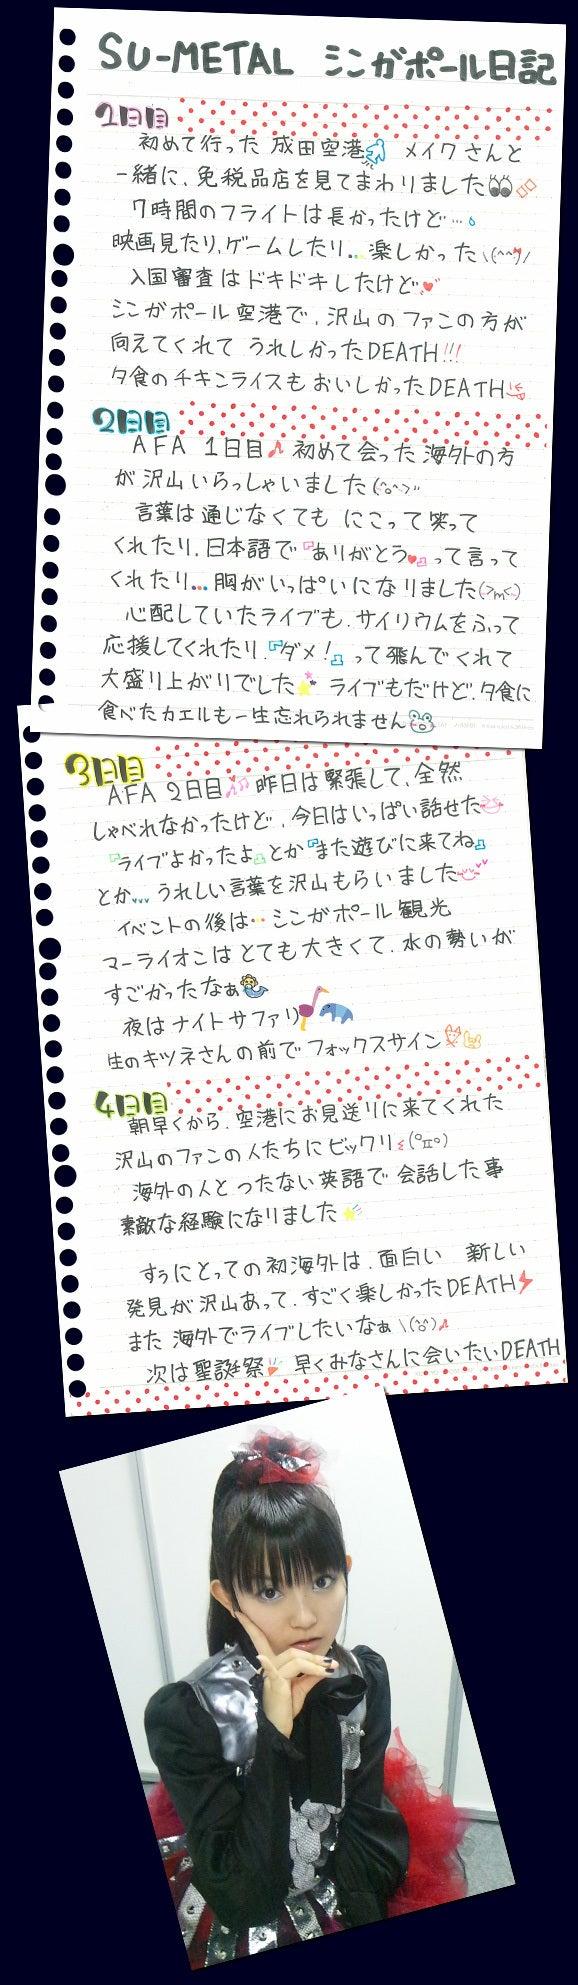 $さくら学院オフィシャルブログ「学院日誌」Powered by Ameba